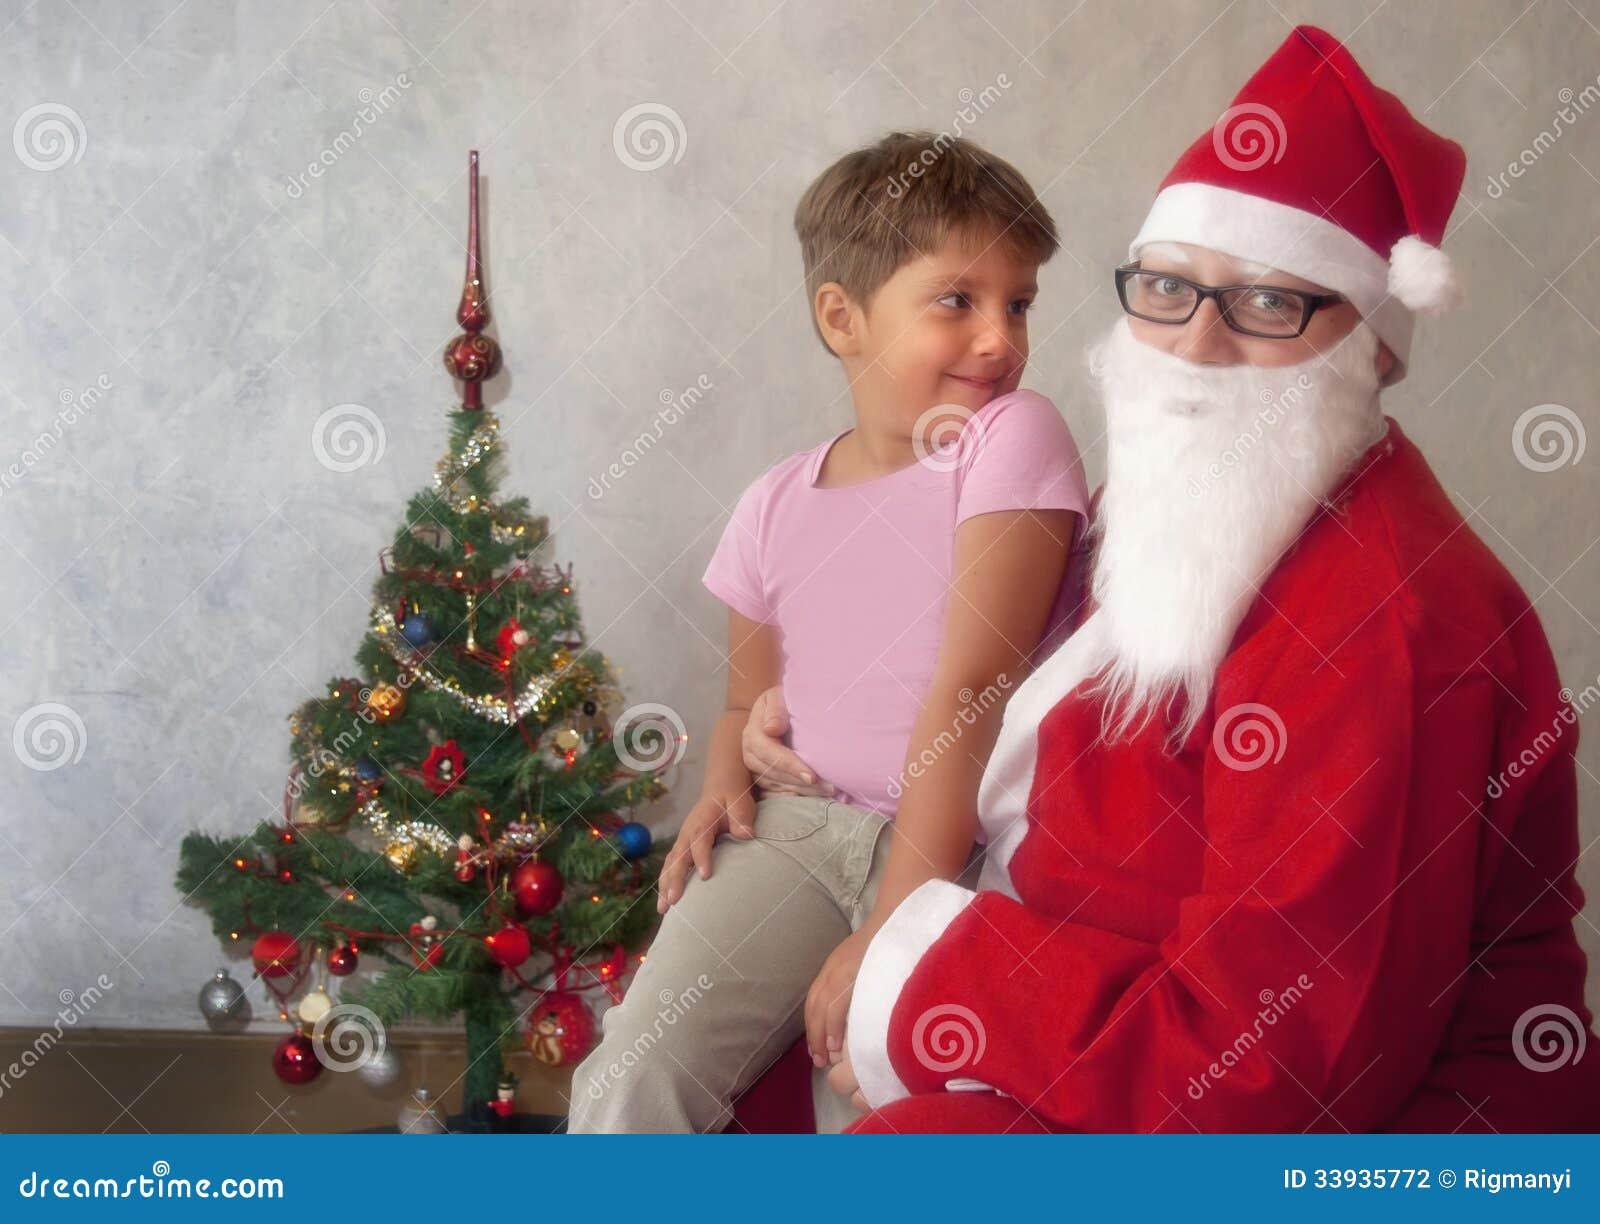 Riunione Santa